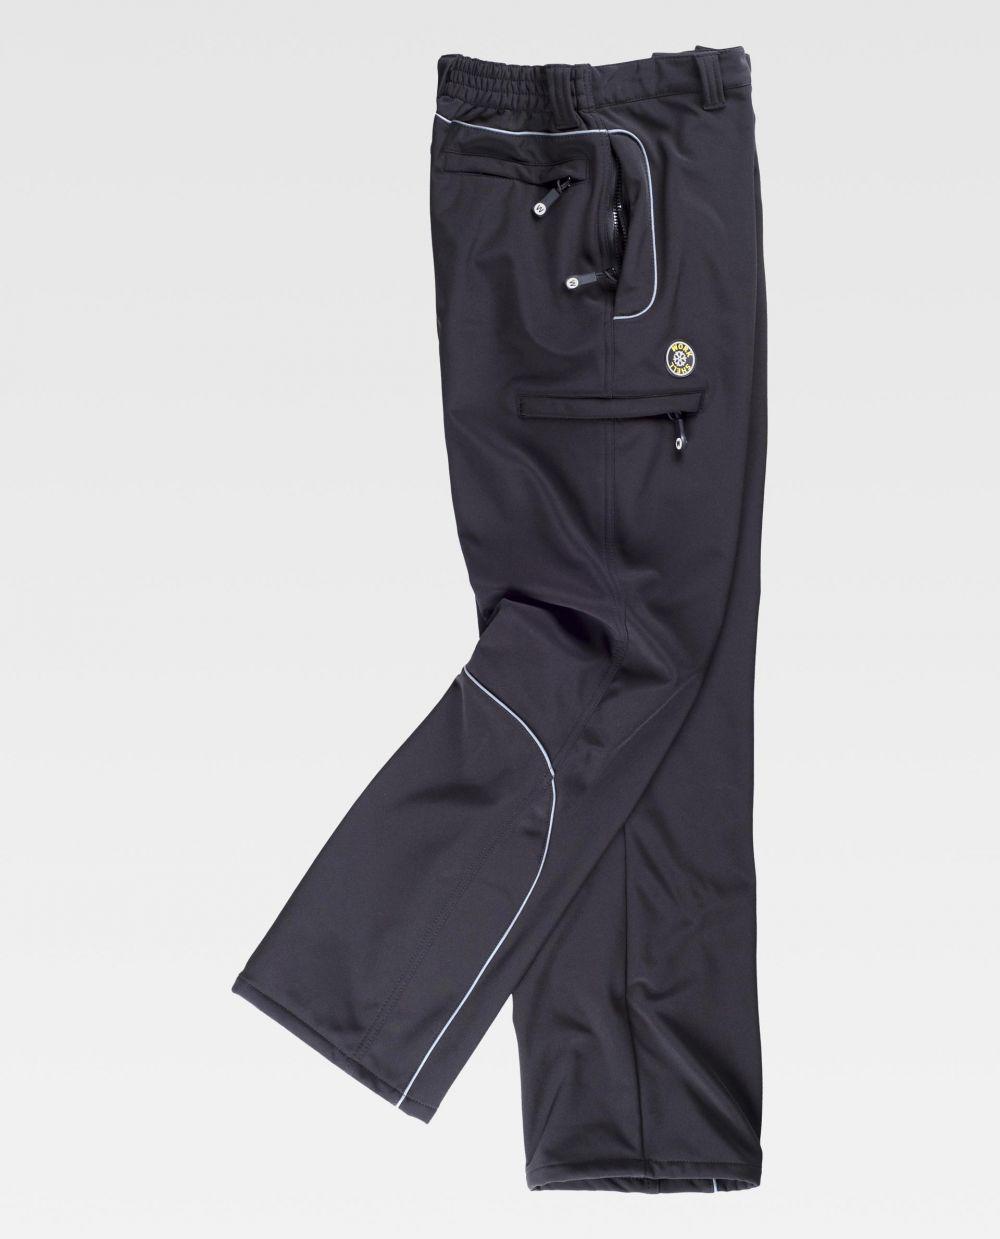 Pantalones de trabajo workteam s9810 de algodon con impresión vista 2